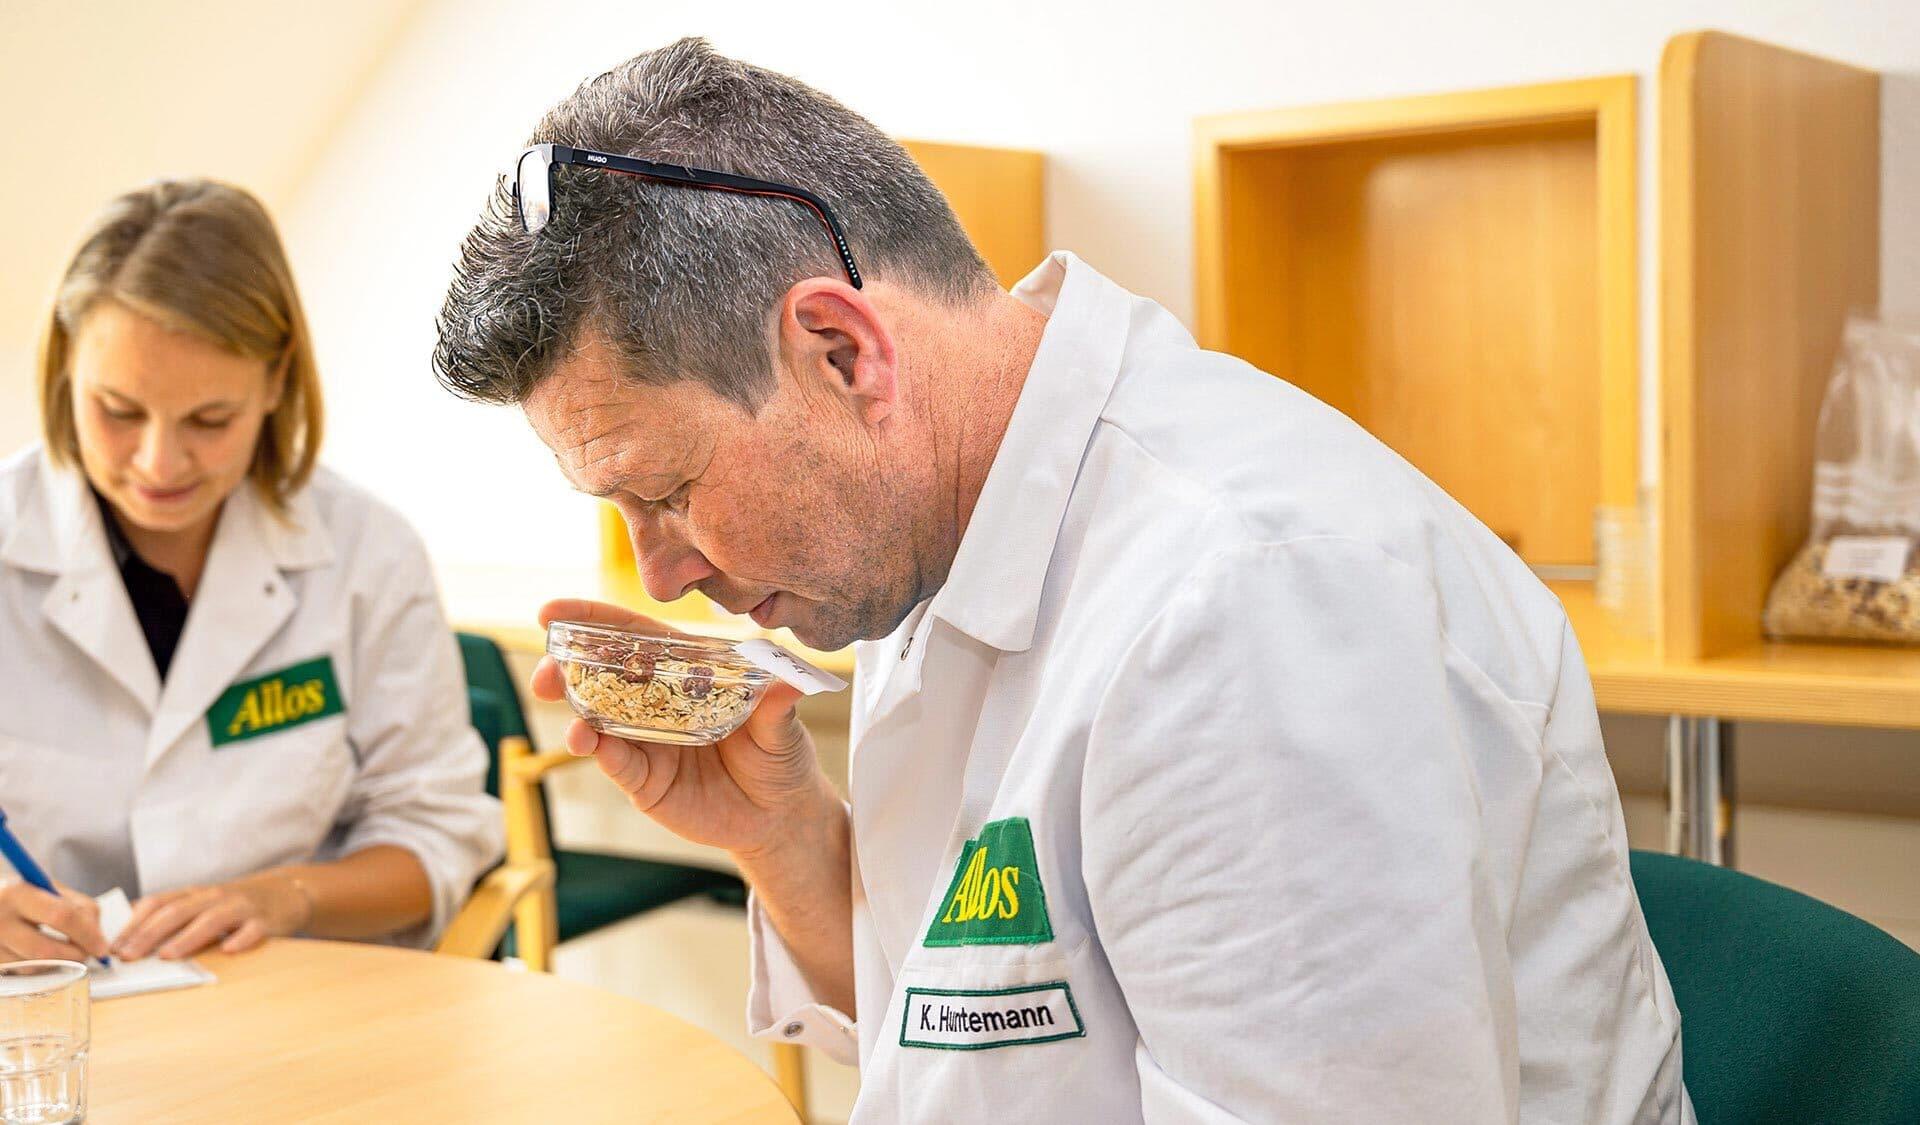 Kai Huntemann von Allos riecht an einer Müsli-Mischung.